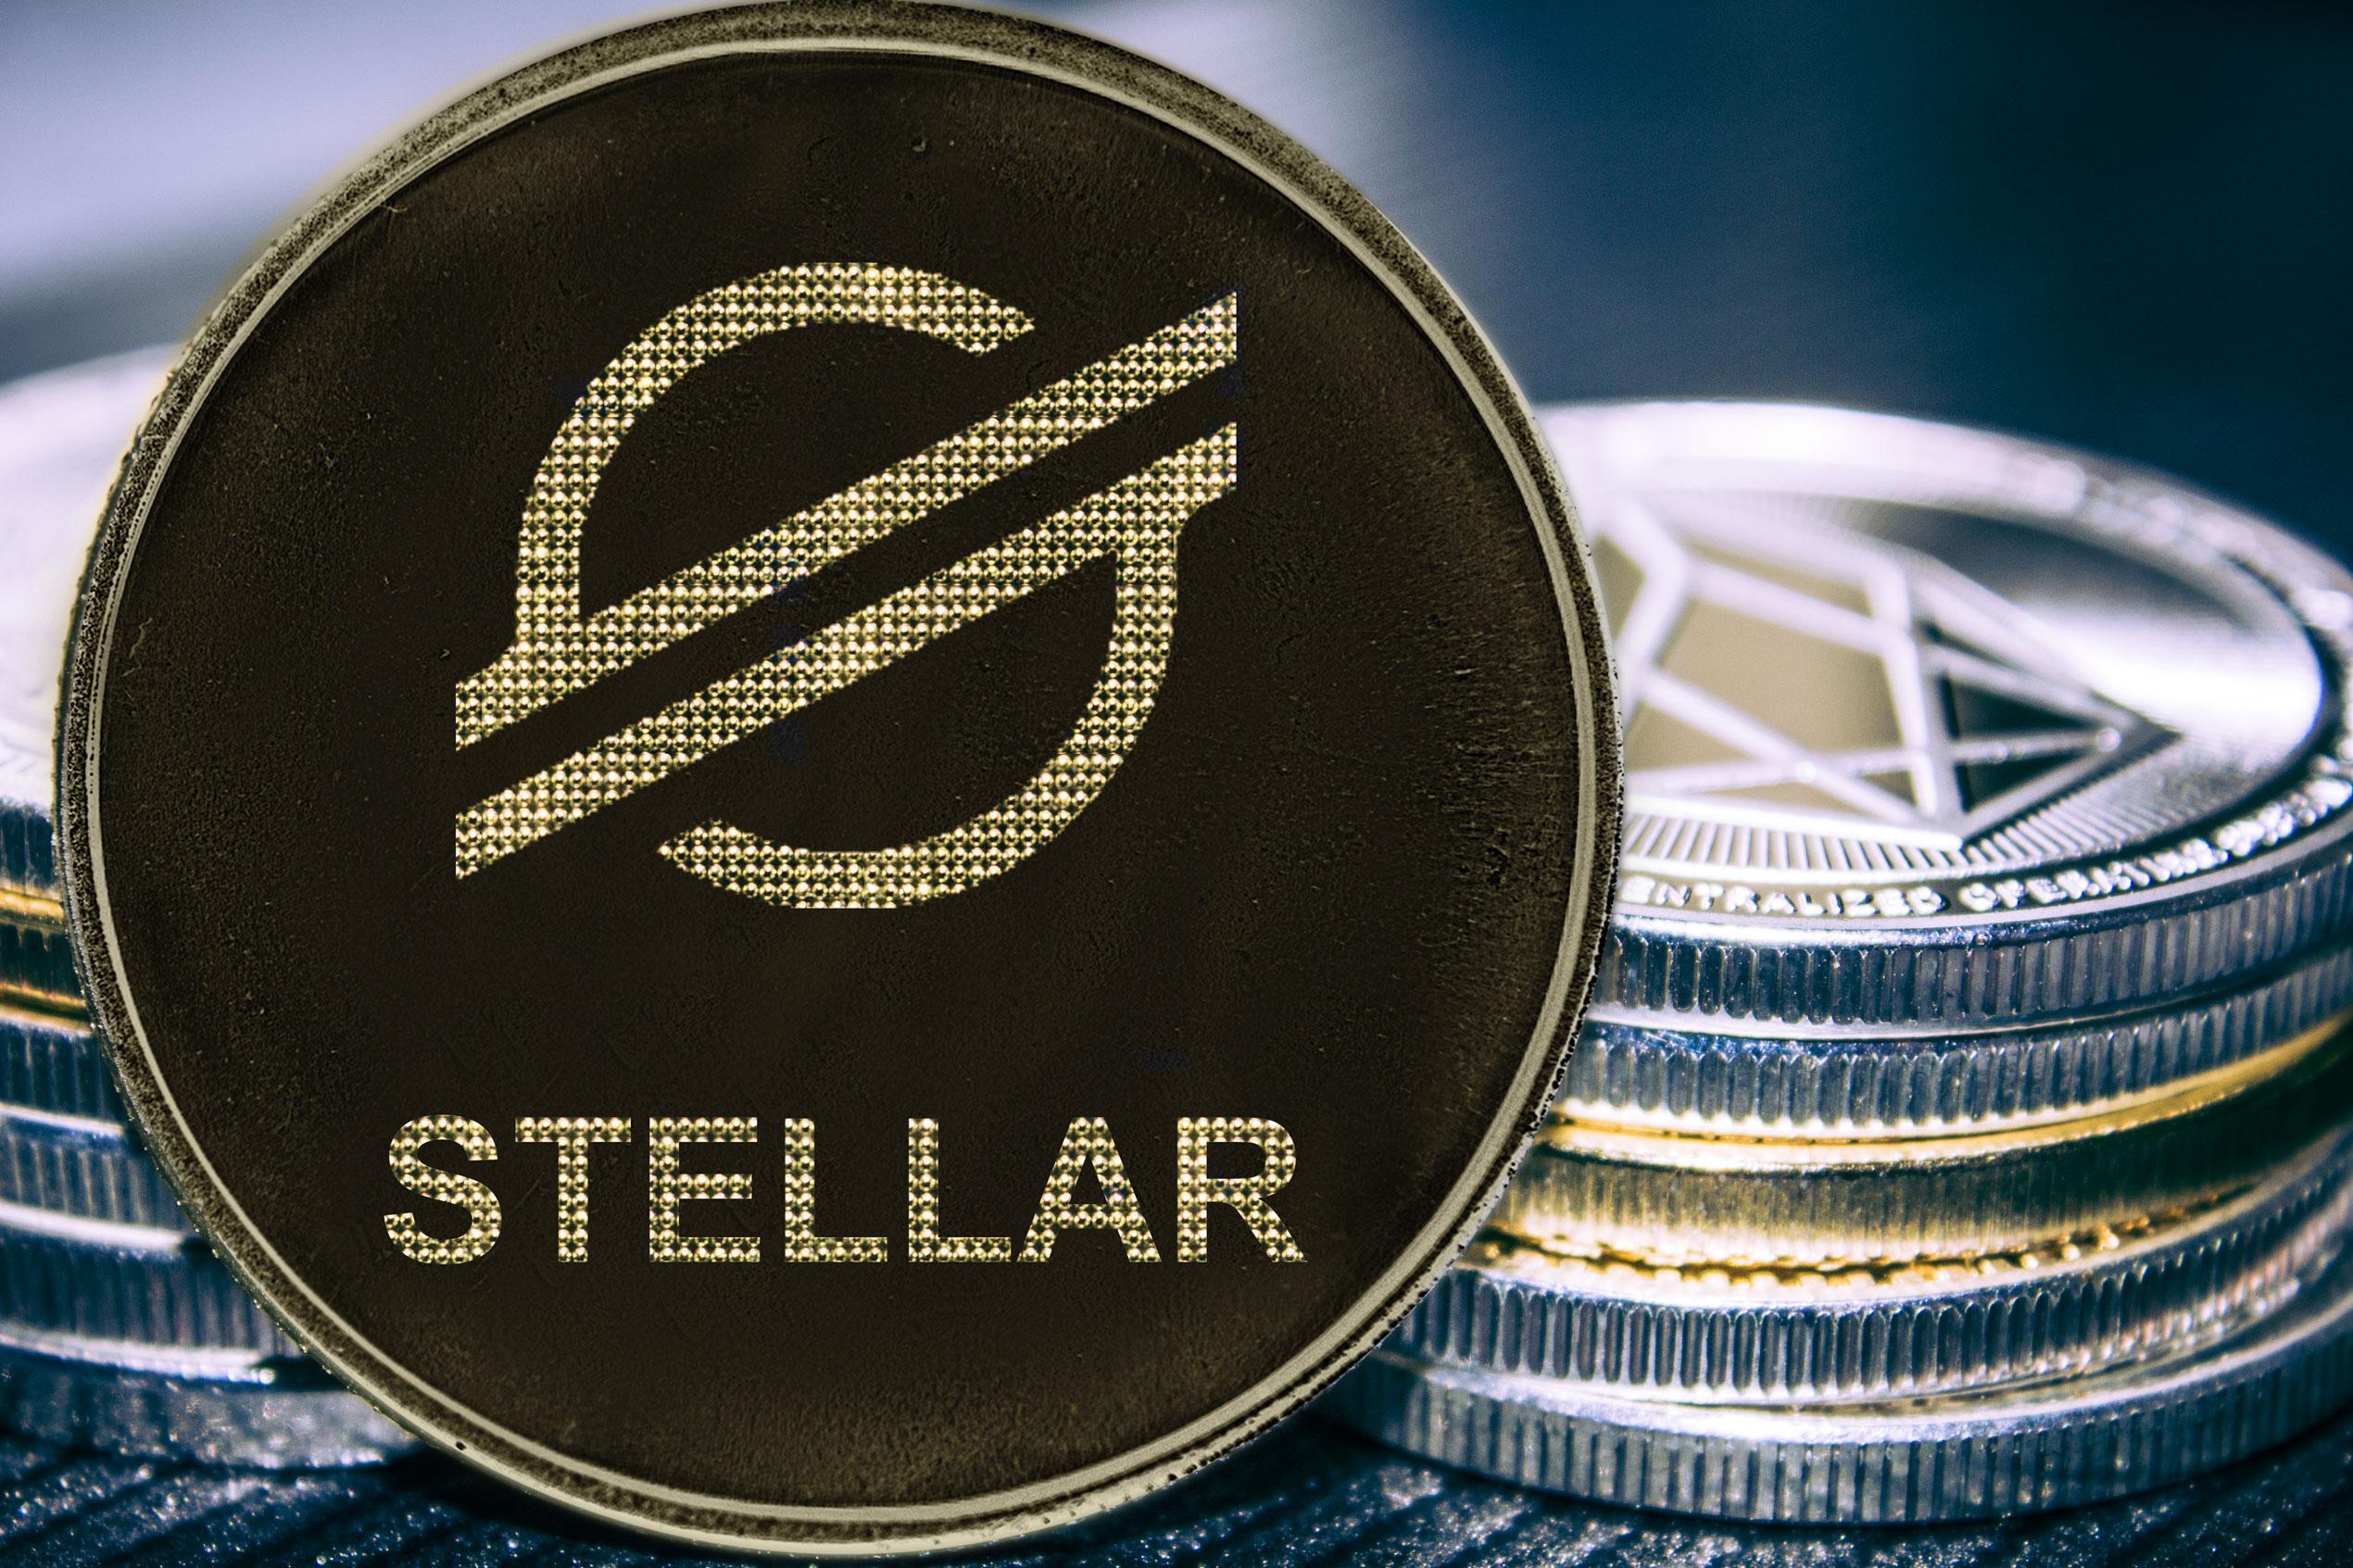 O Pacote Stellar… análise e opiniões acerca do novo produto